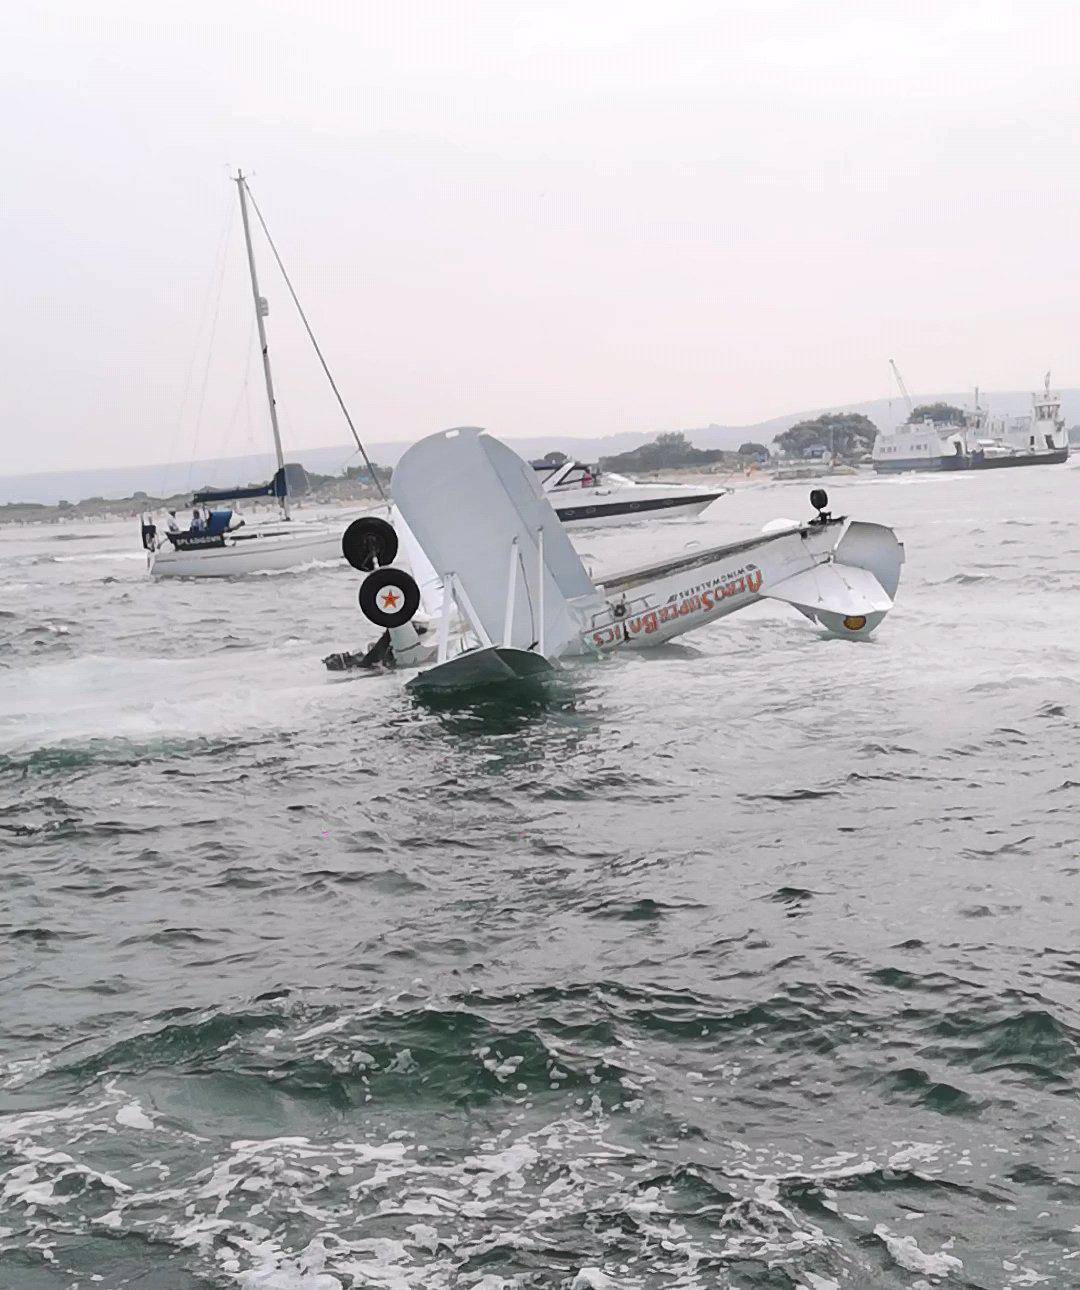 Chiếc máy bay đâm xuống biển và lật ngược. Ảnh: @ACason00/Twitter